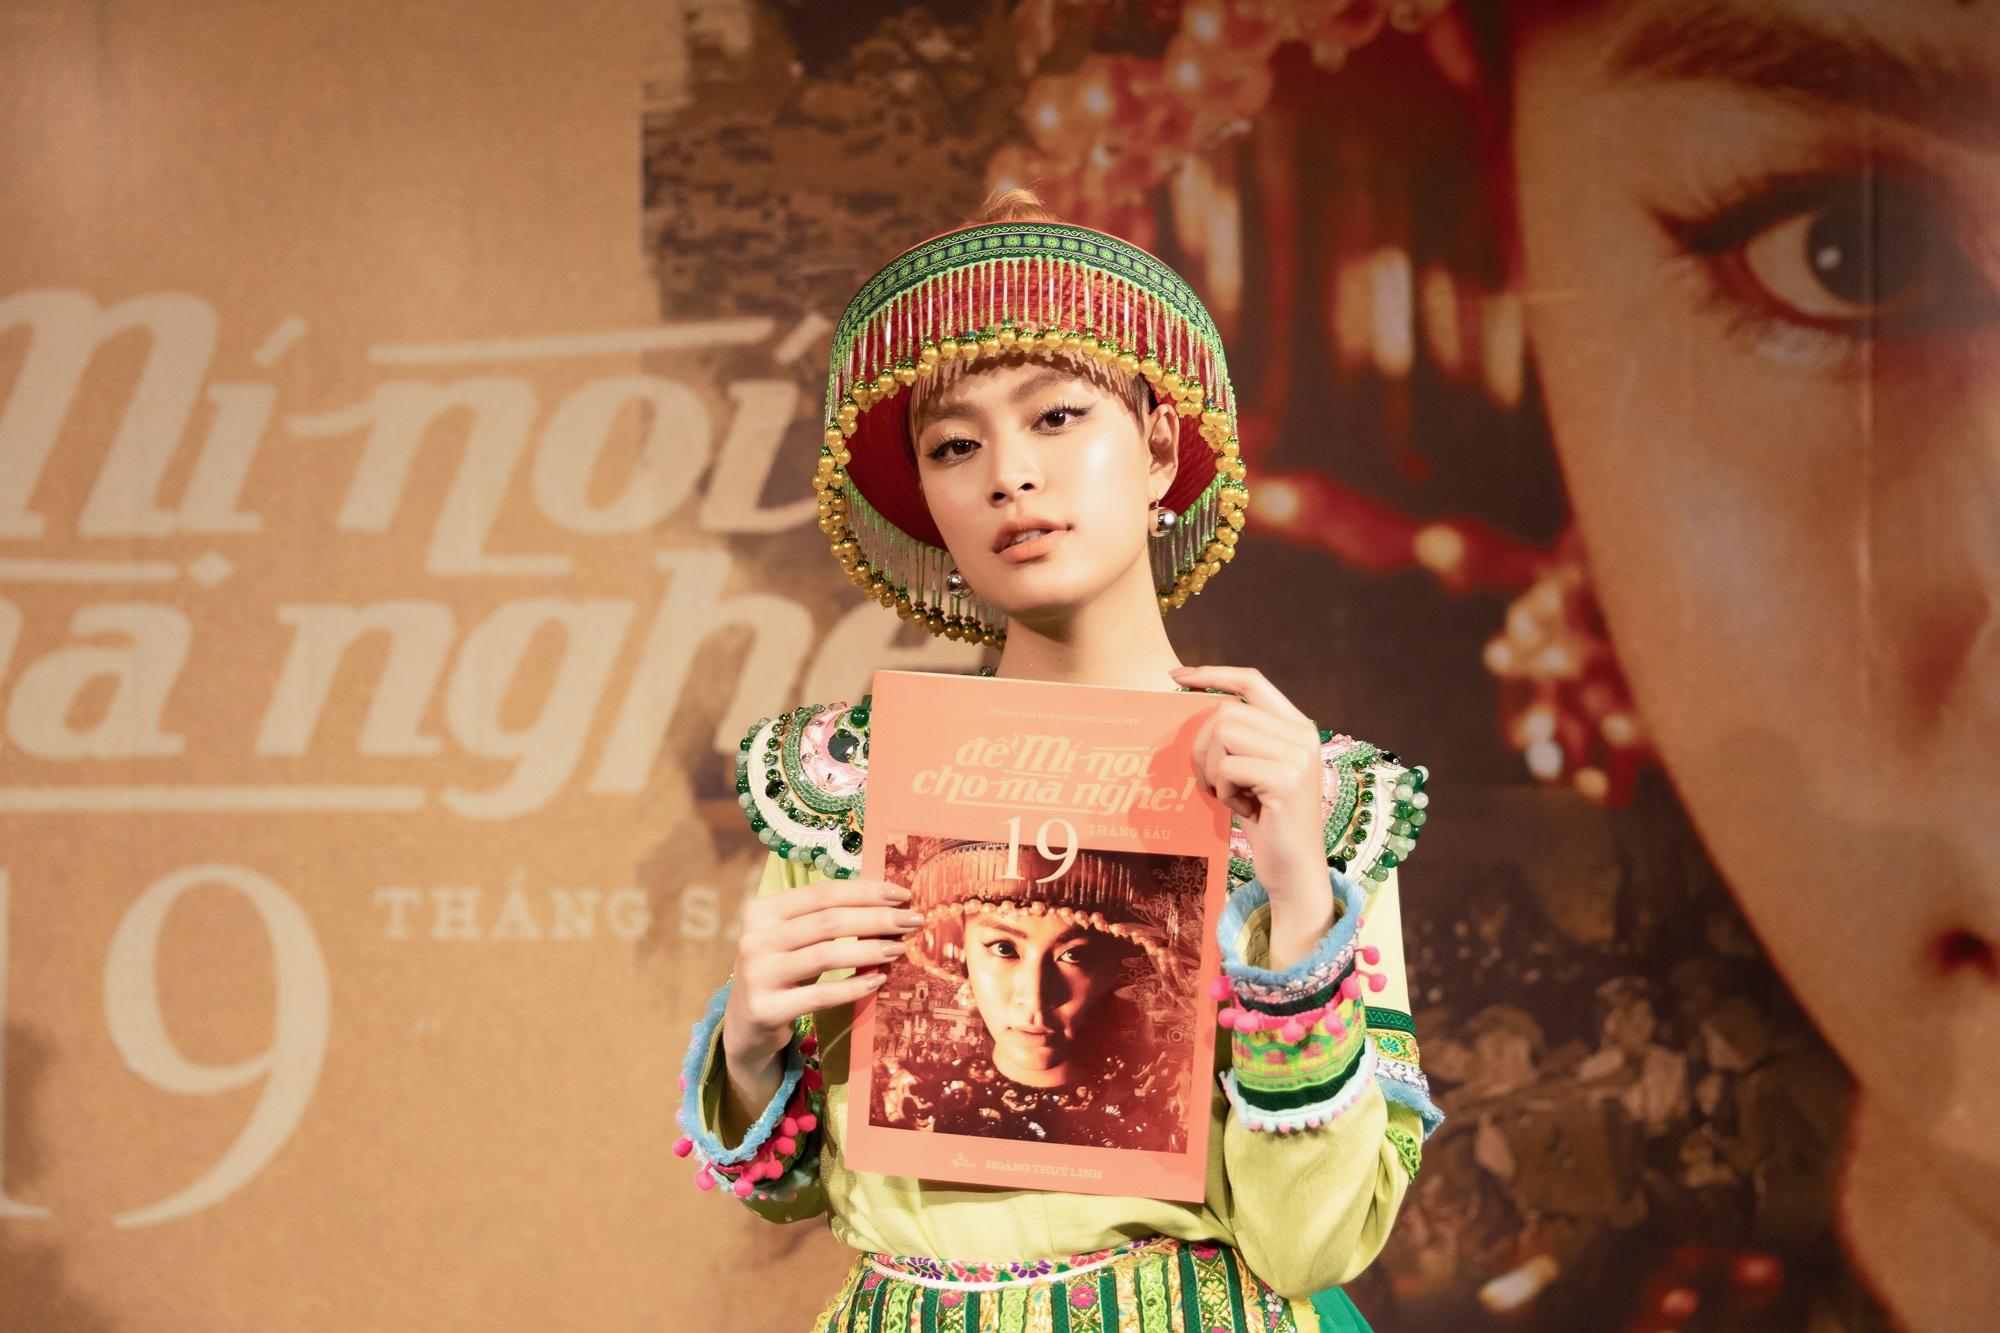 Hoàng Thùy Linh xinh xắn trong trang phục dân tộc Mèo tại buổi ra mắt MV mới - Ảnh 2